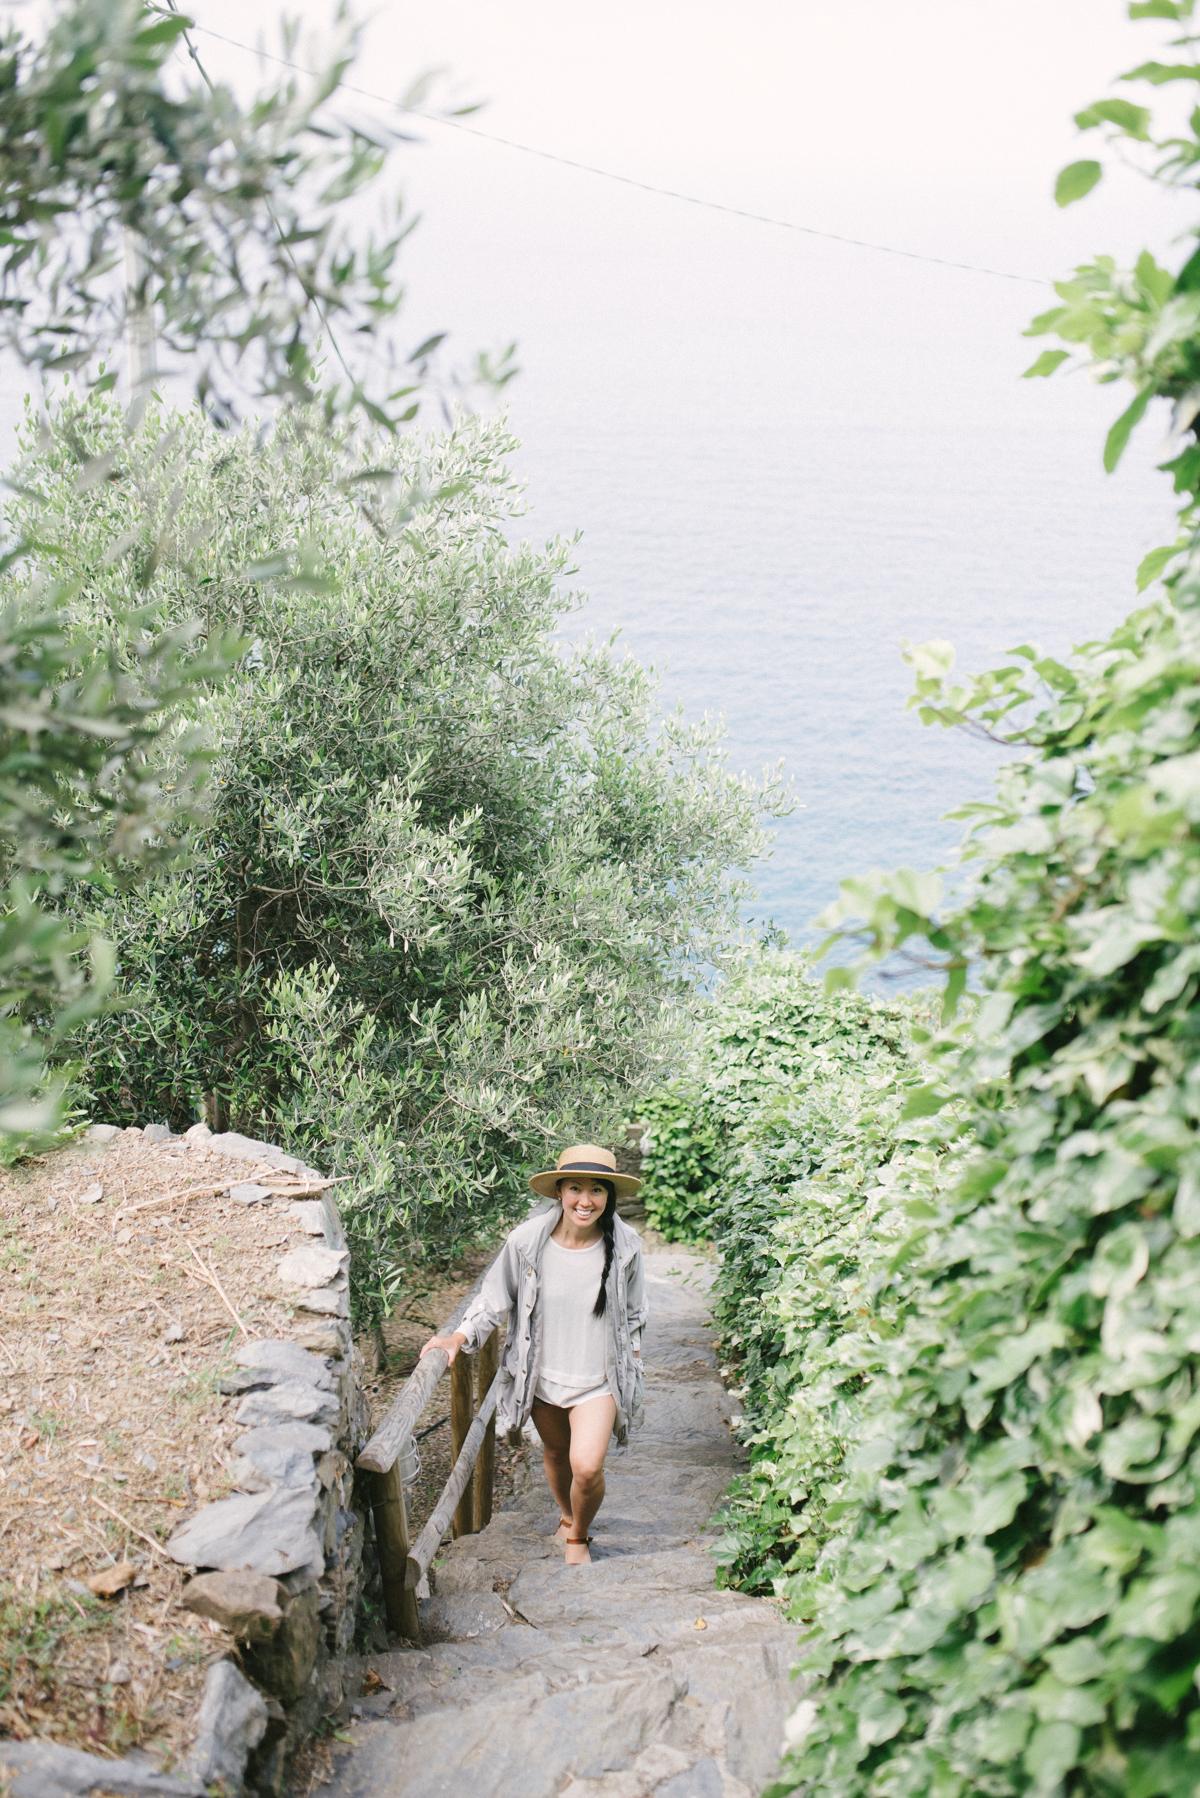 Eva Lin Photography Italy 2018 -99.jpg